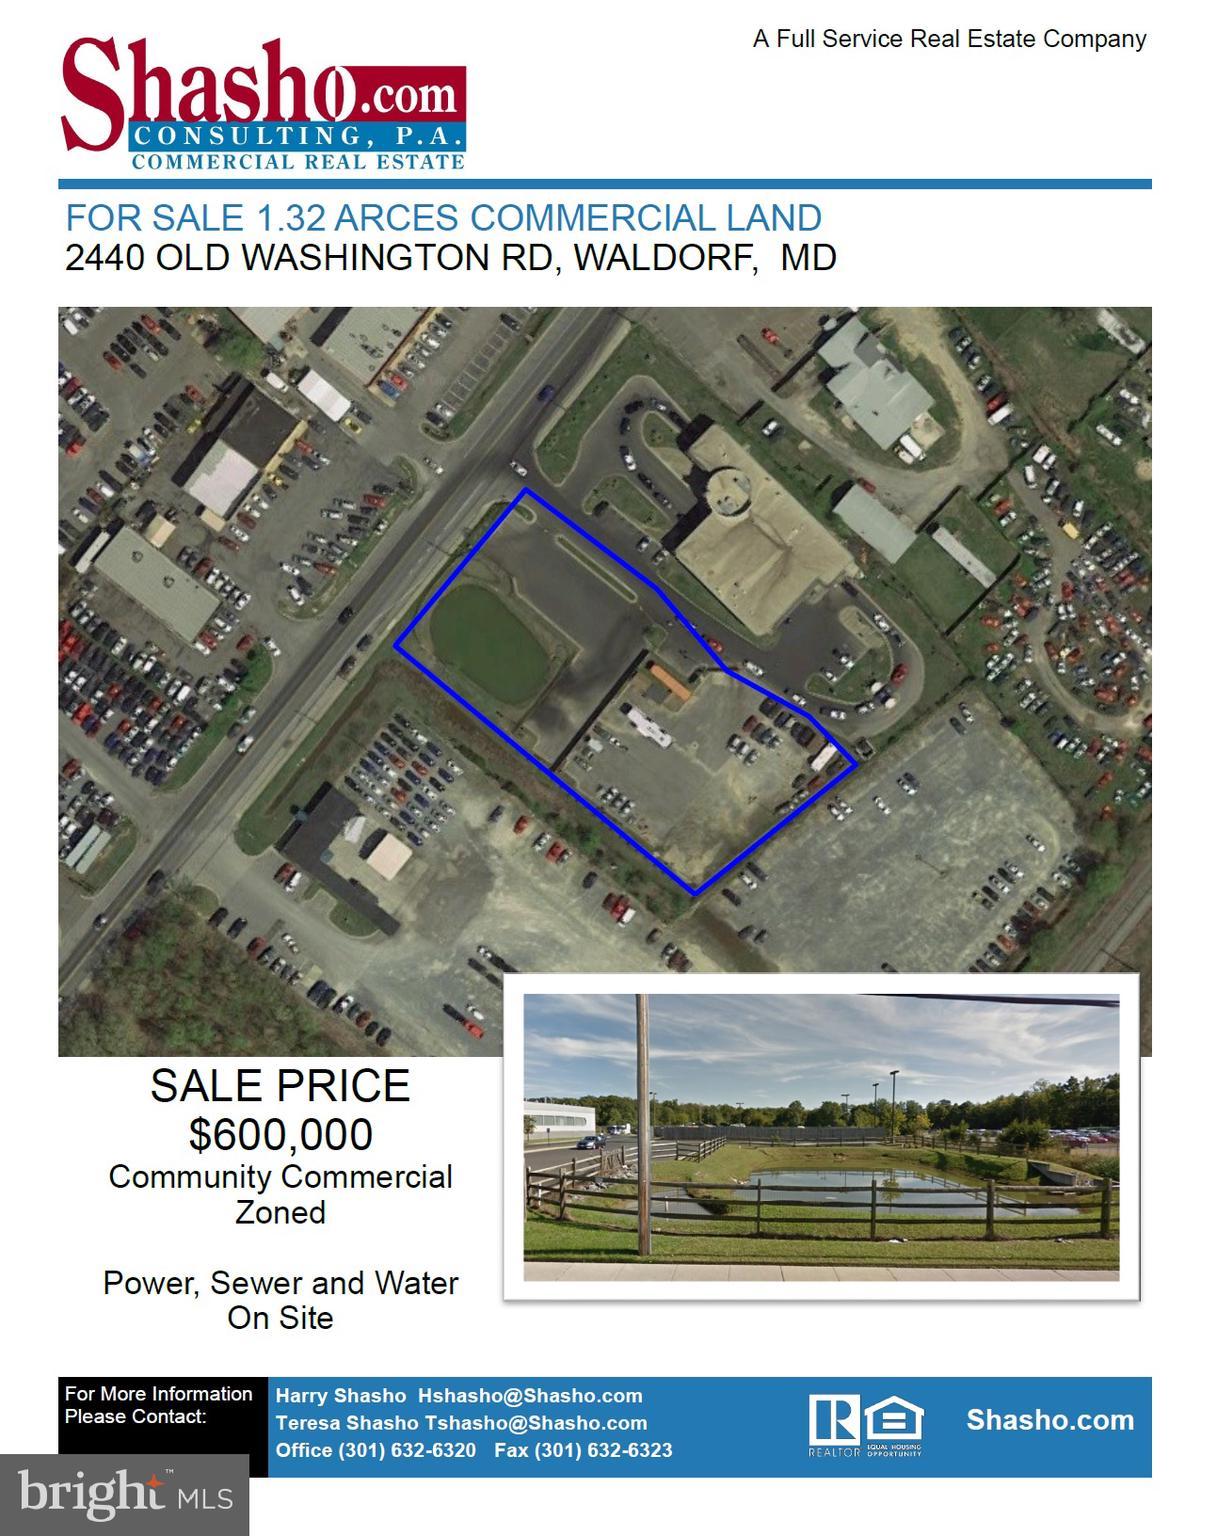 2440 OLD WASHINGTON ROAD, WALDORF, MD 20601